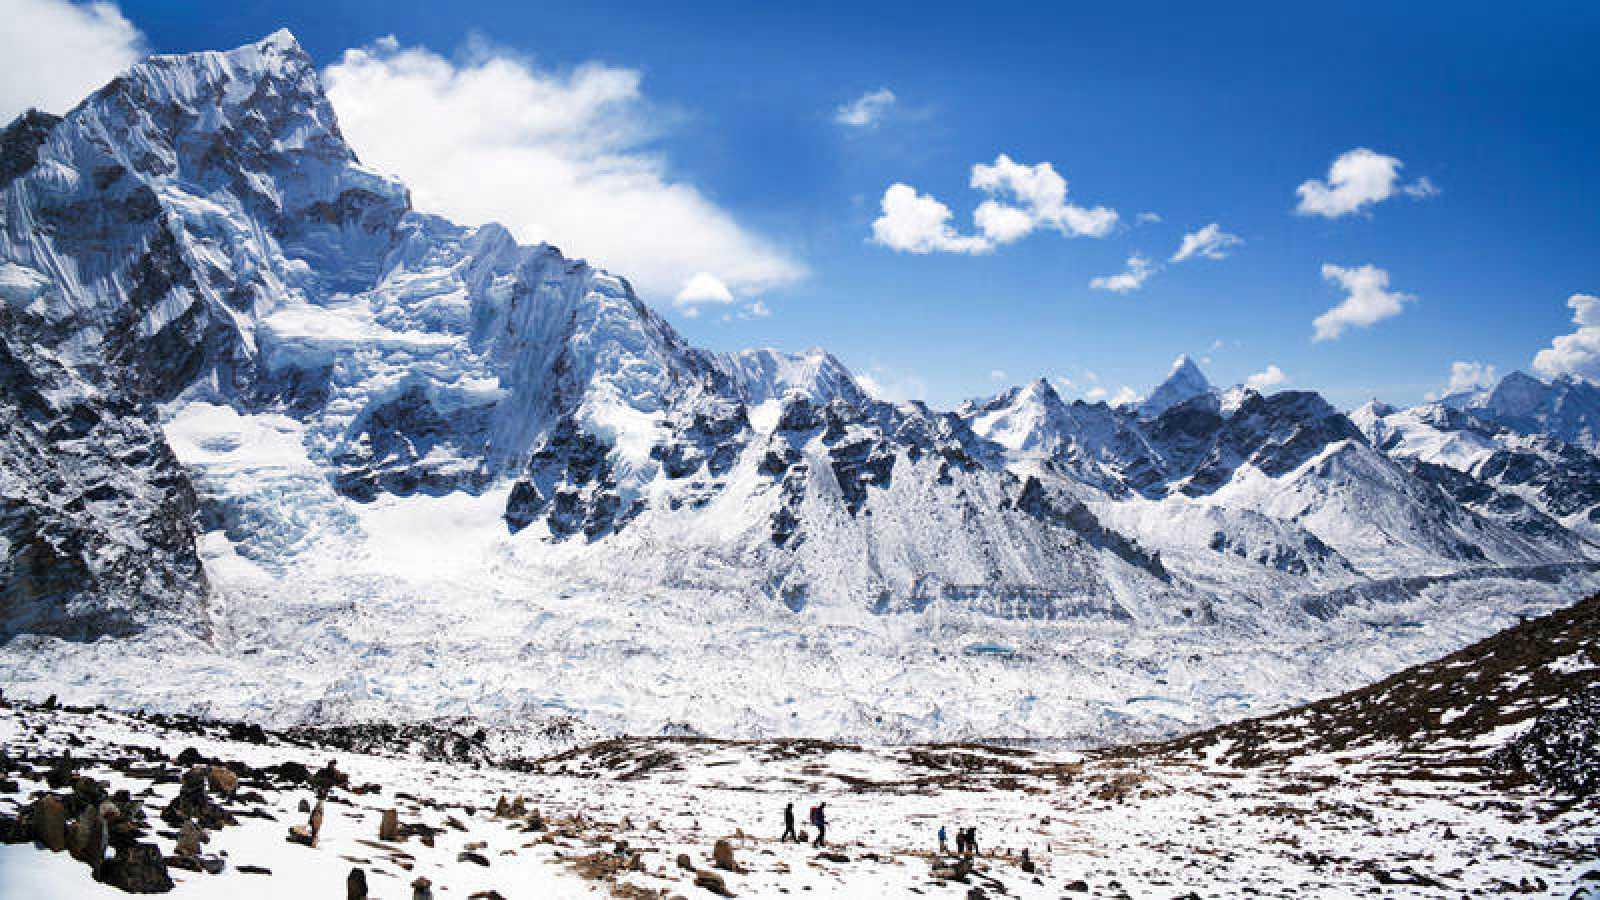 Una panorámica del Himalaya nepalí